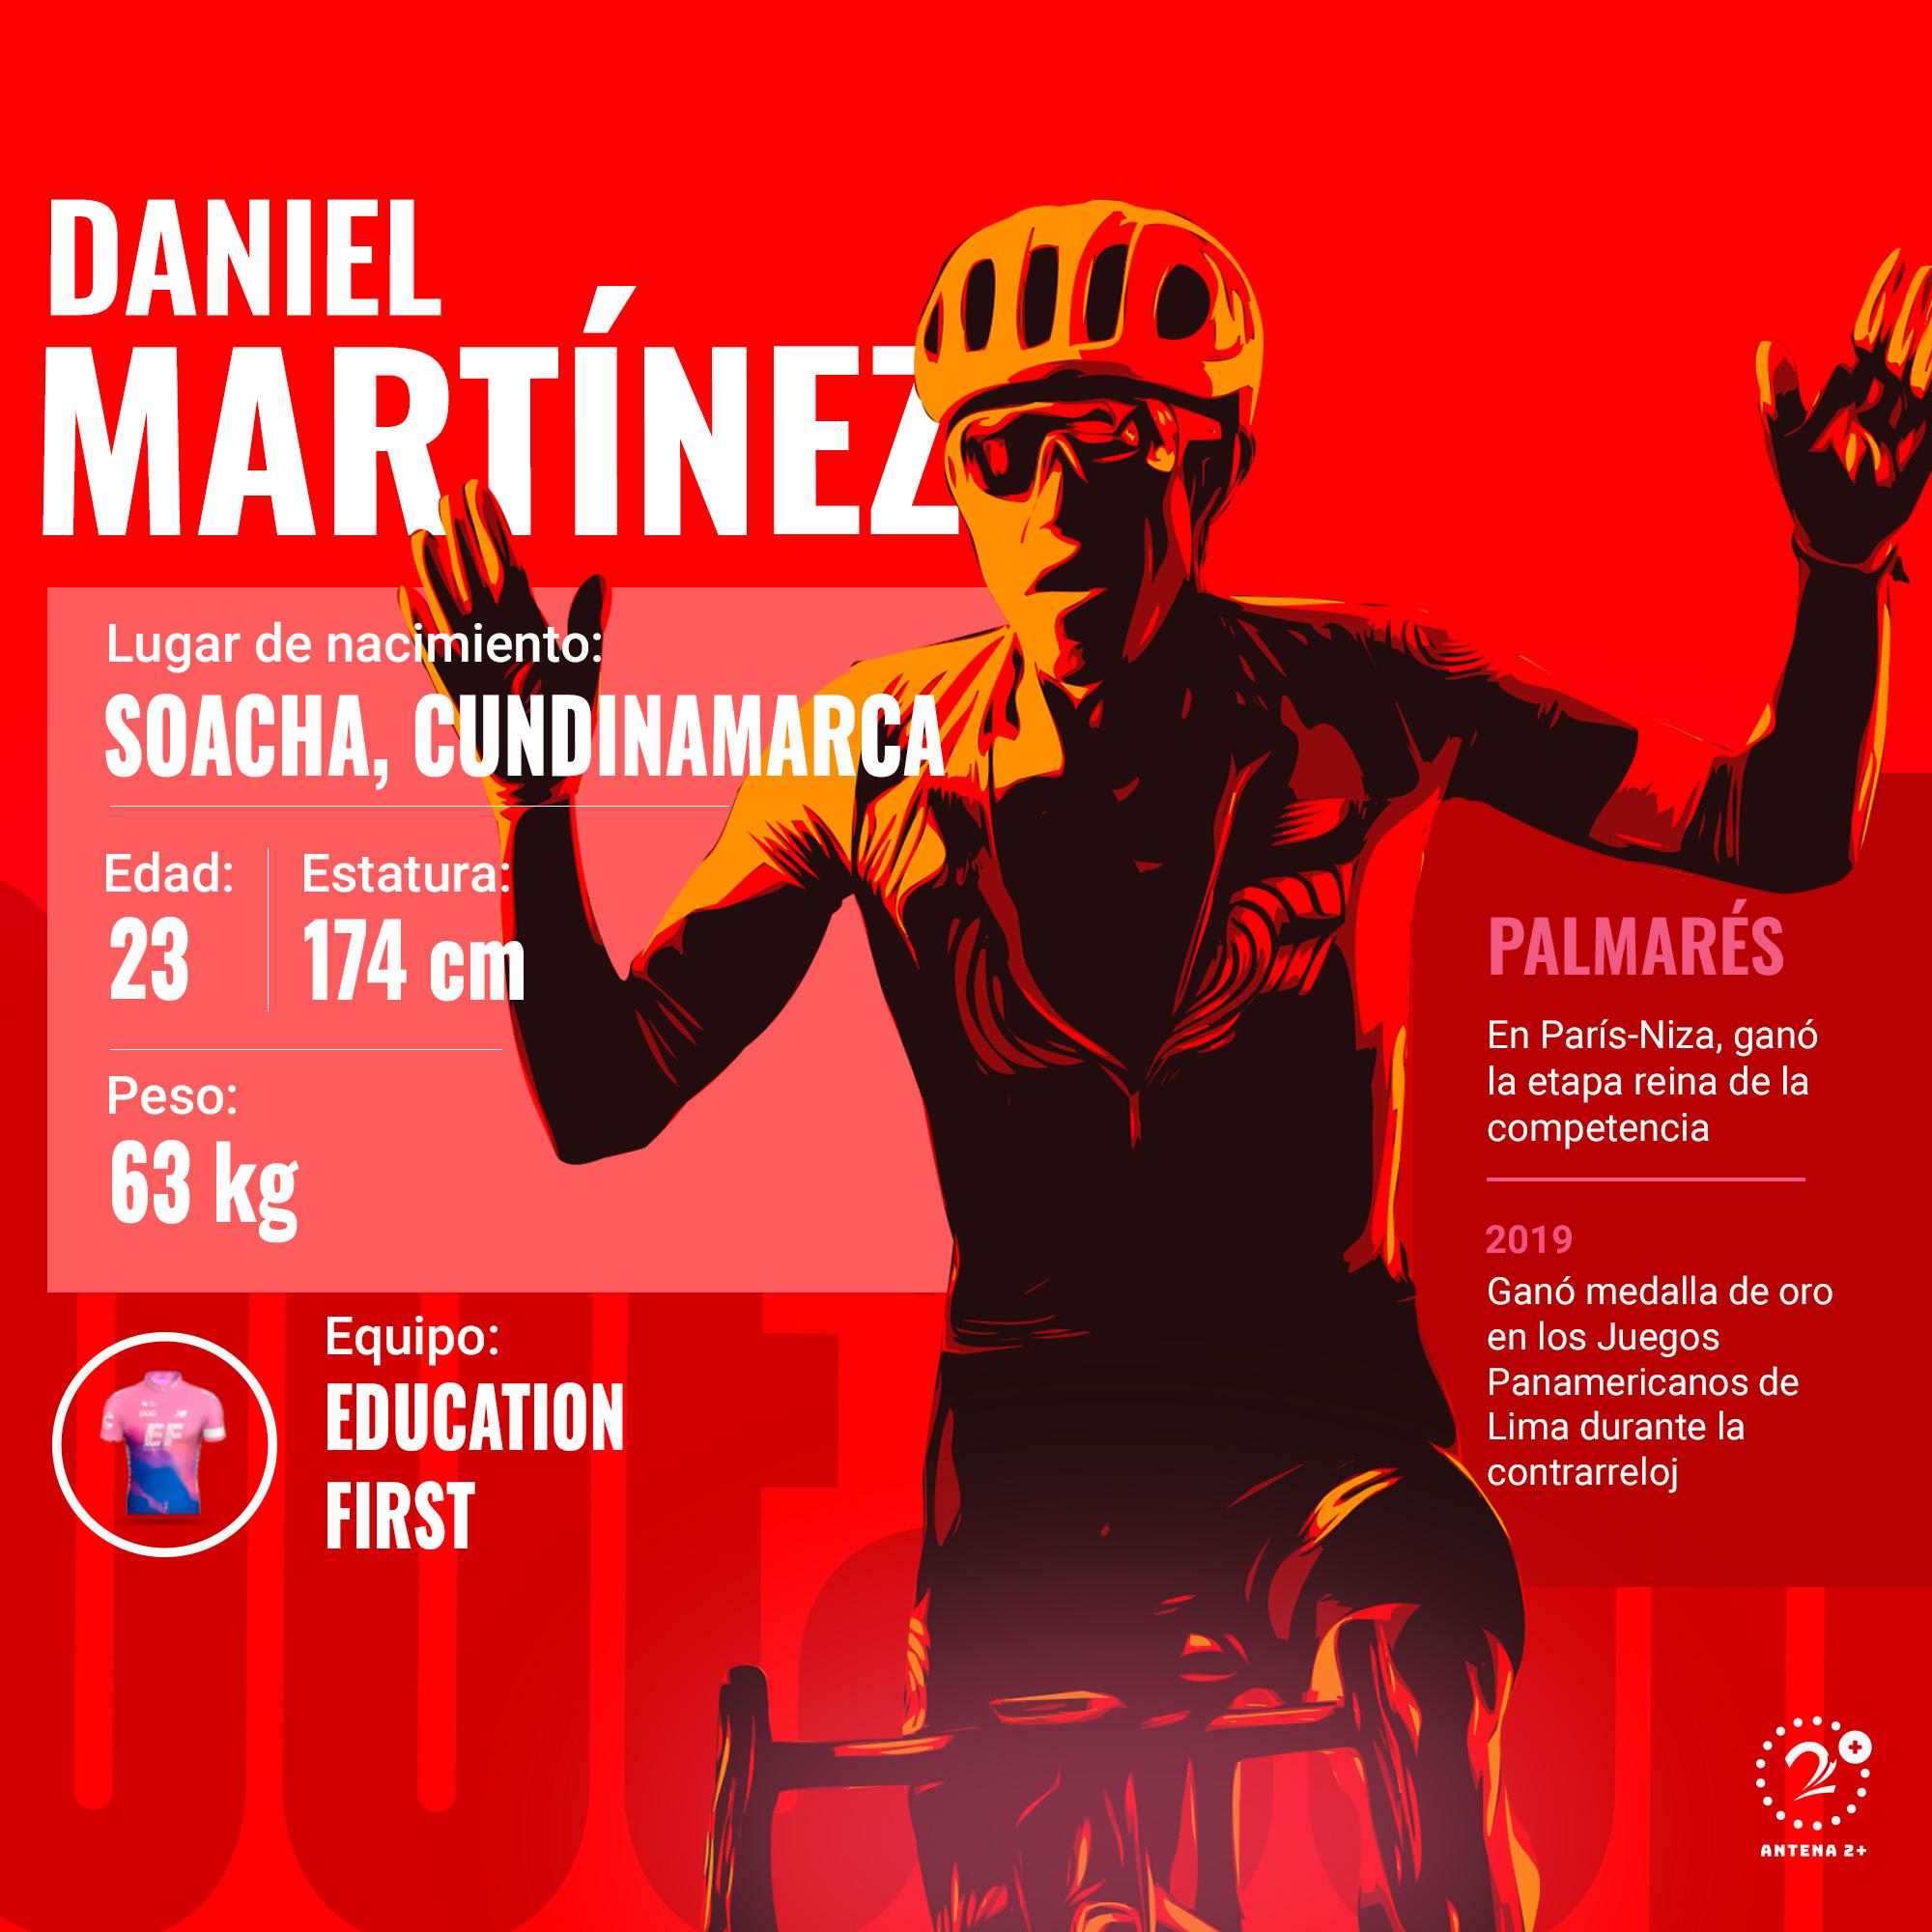 Daniel Martínez, Vuelta a España 2019